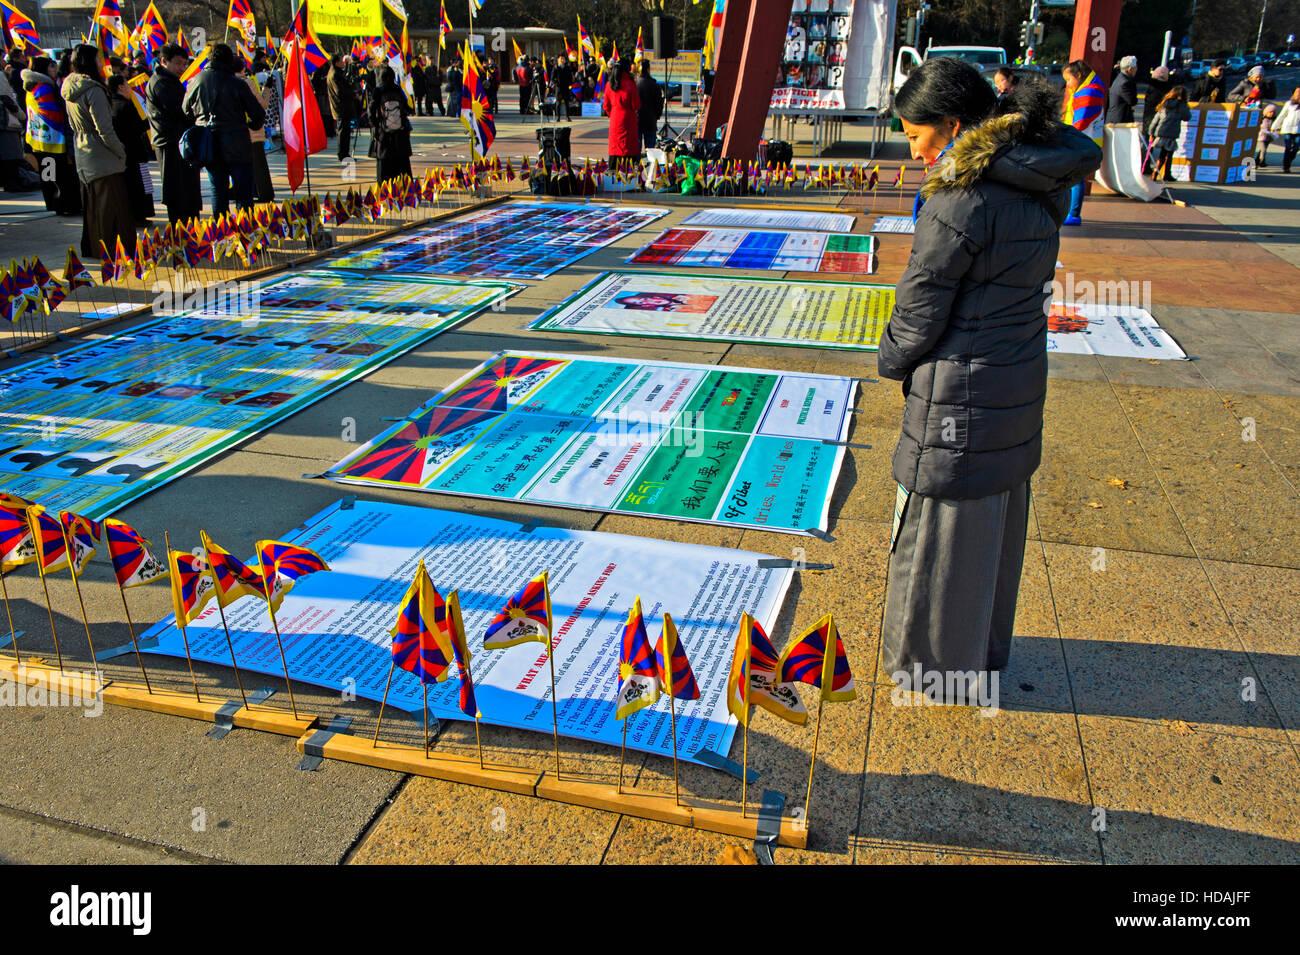 Ginebra, Suiza. 10 de diciembre de 2016. Mujer tibetana mirando carteles en la Place des Nations, en Ginebra, Suiza, Imagen De Stock